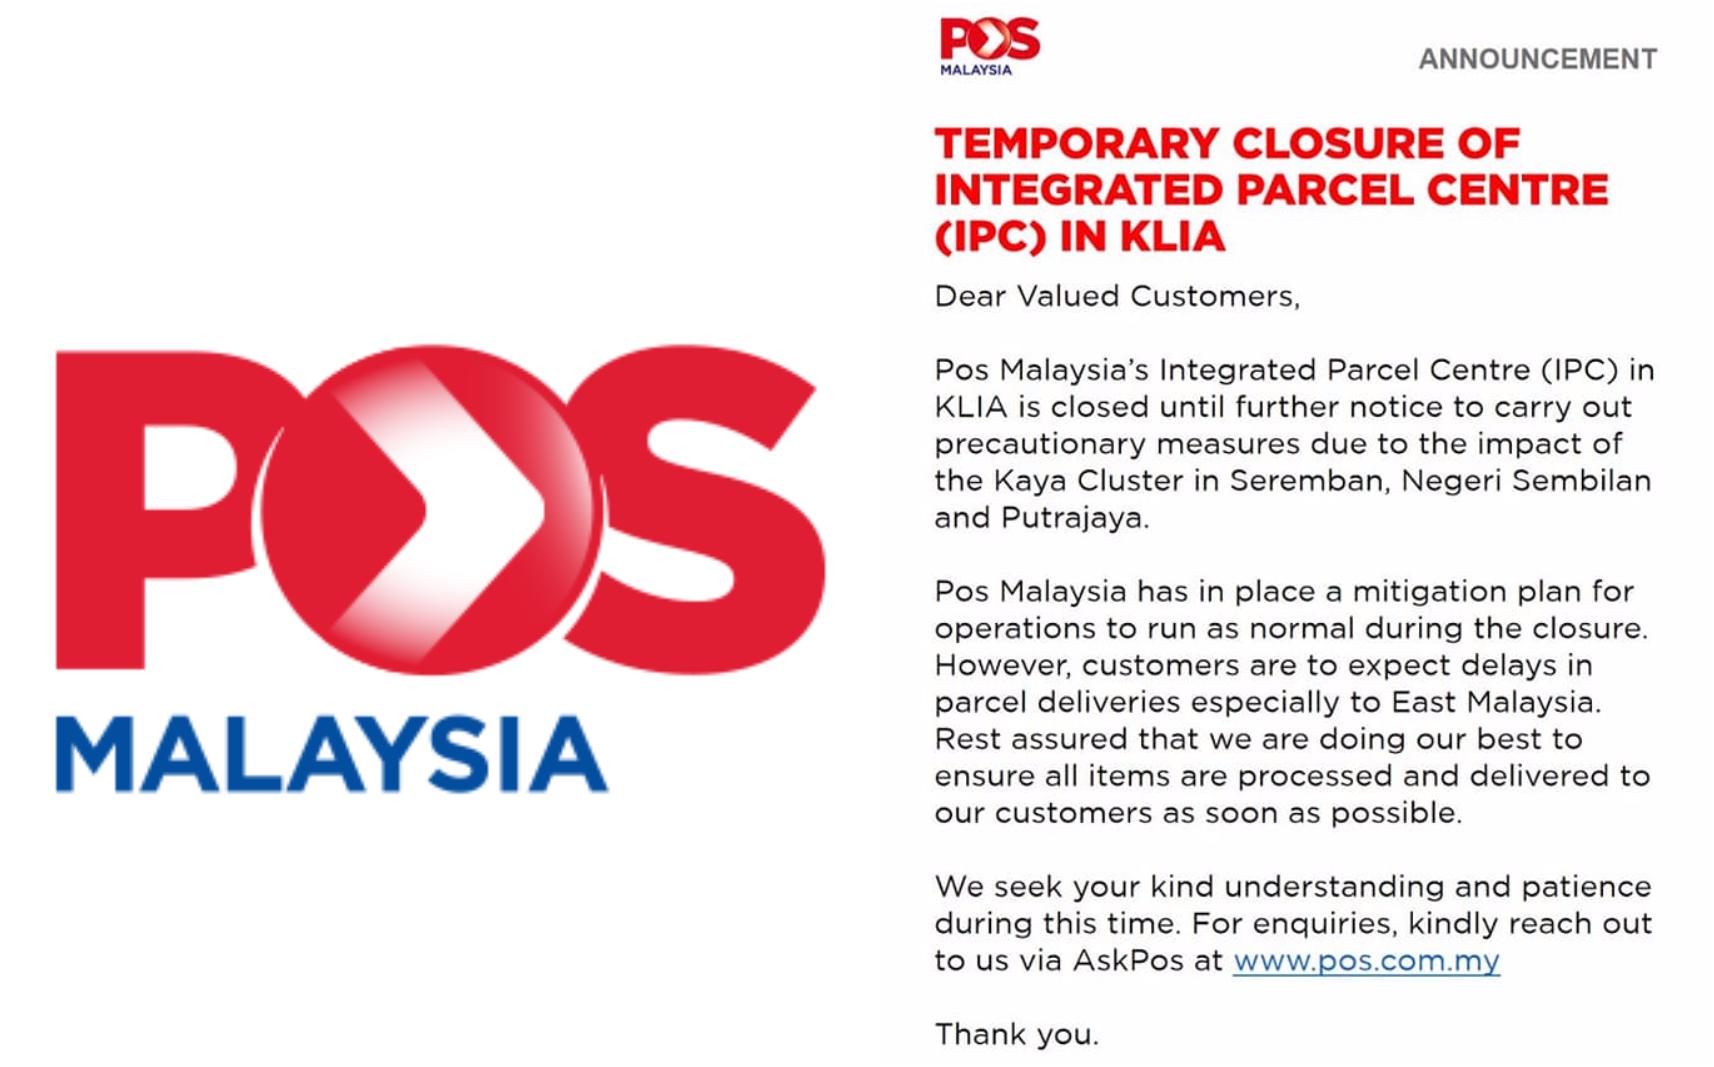 大马邮政局暂时关闭吉隆坡国际机场综合包裹中心。-图摘自大马邮政局脸书-